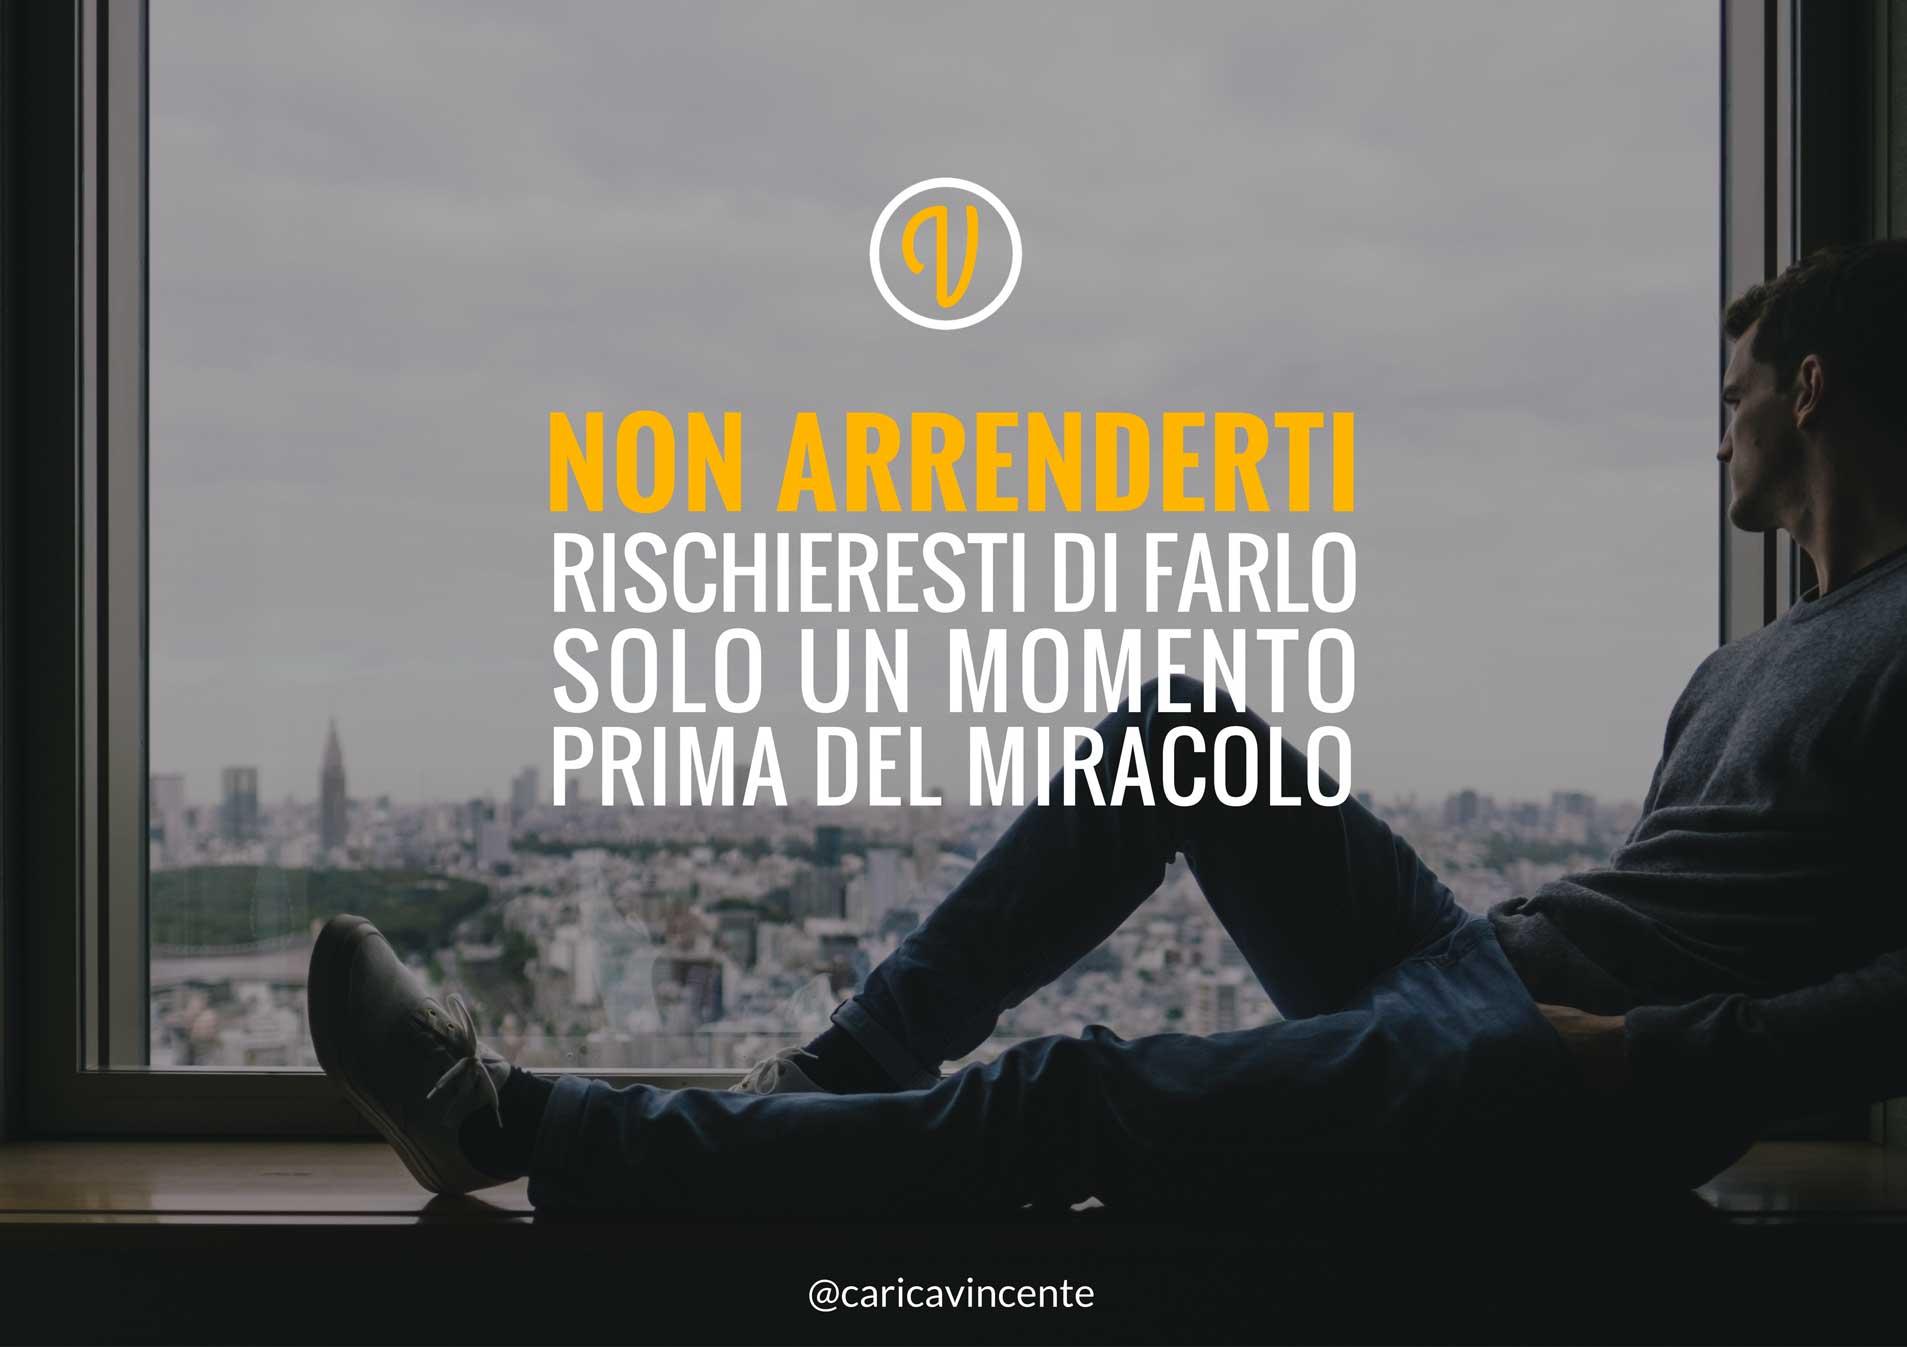 Frasi Ufficio Inglese : Poster motivazionali con frasi celebri in italiano e in inglese